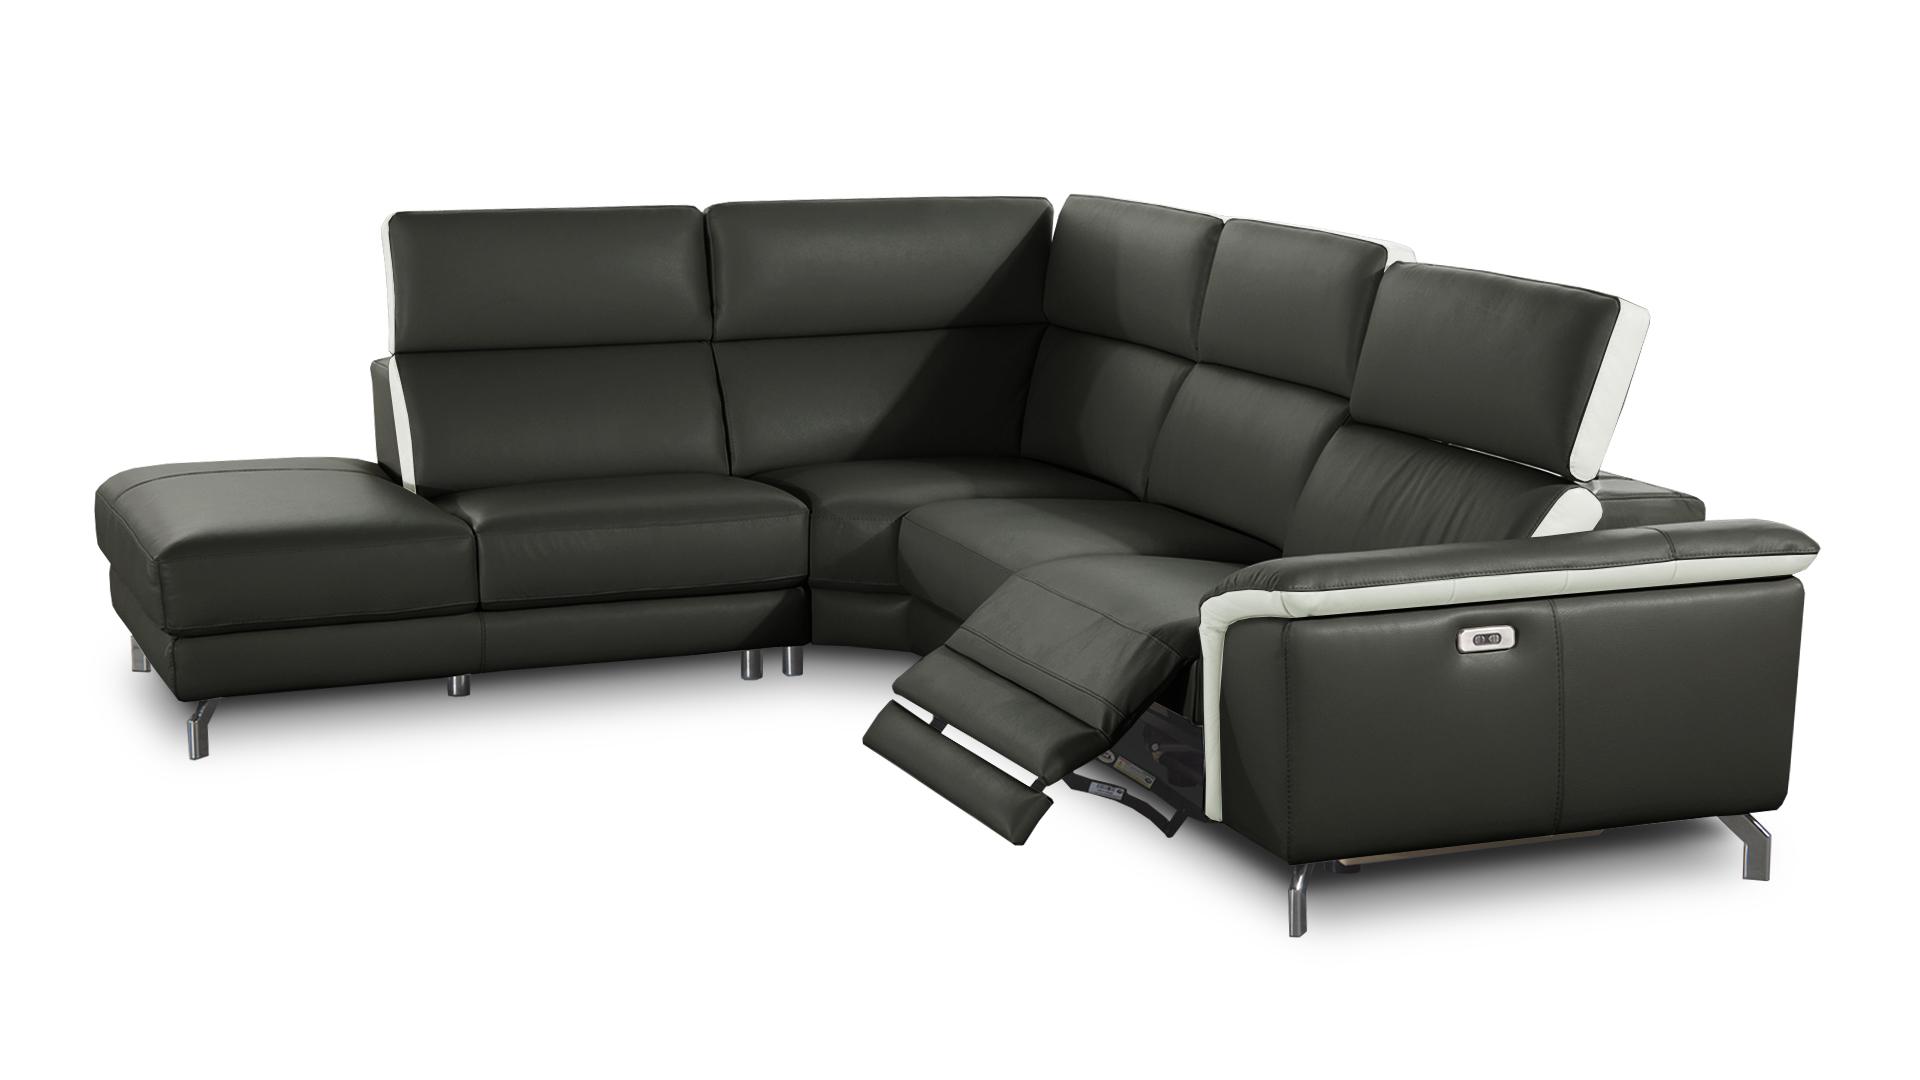 Canapé d angle cuir relaxation Canapé d angle cuir